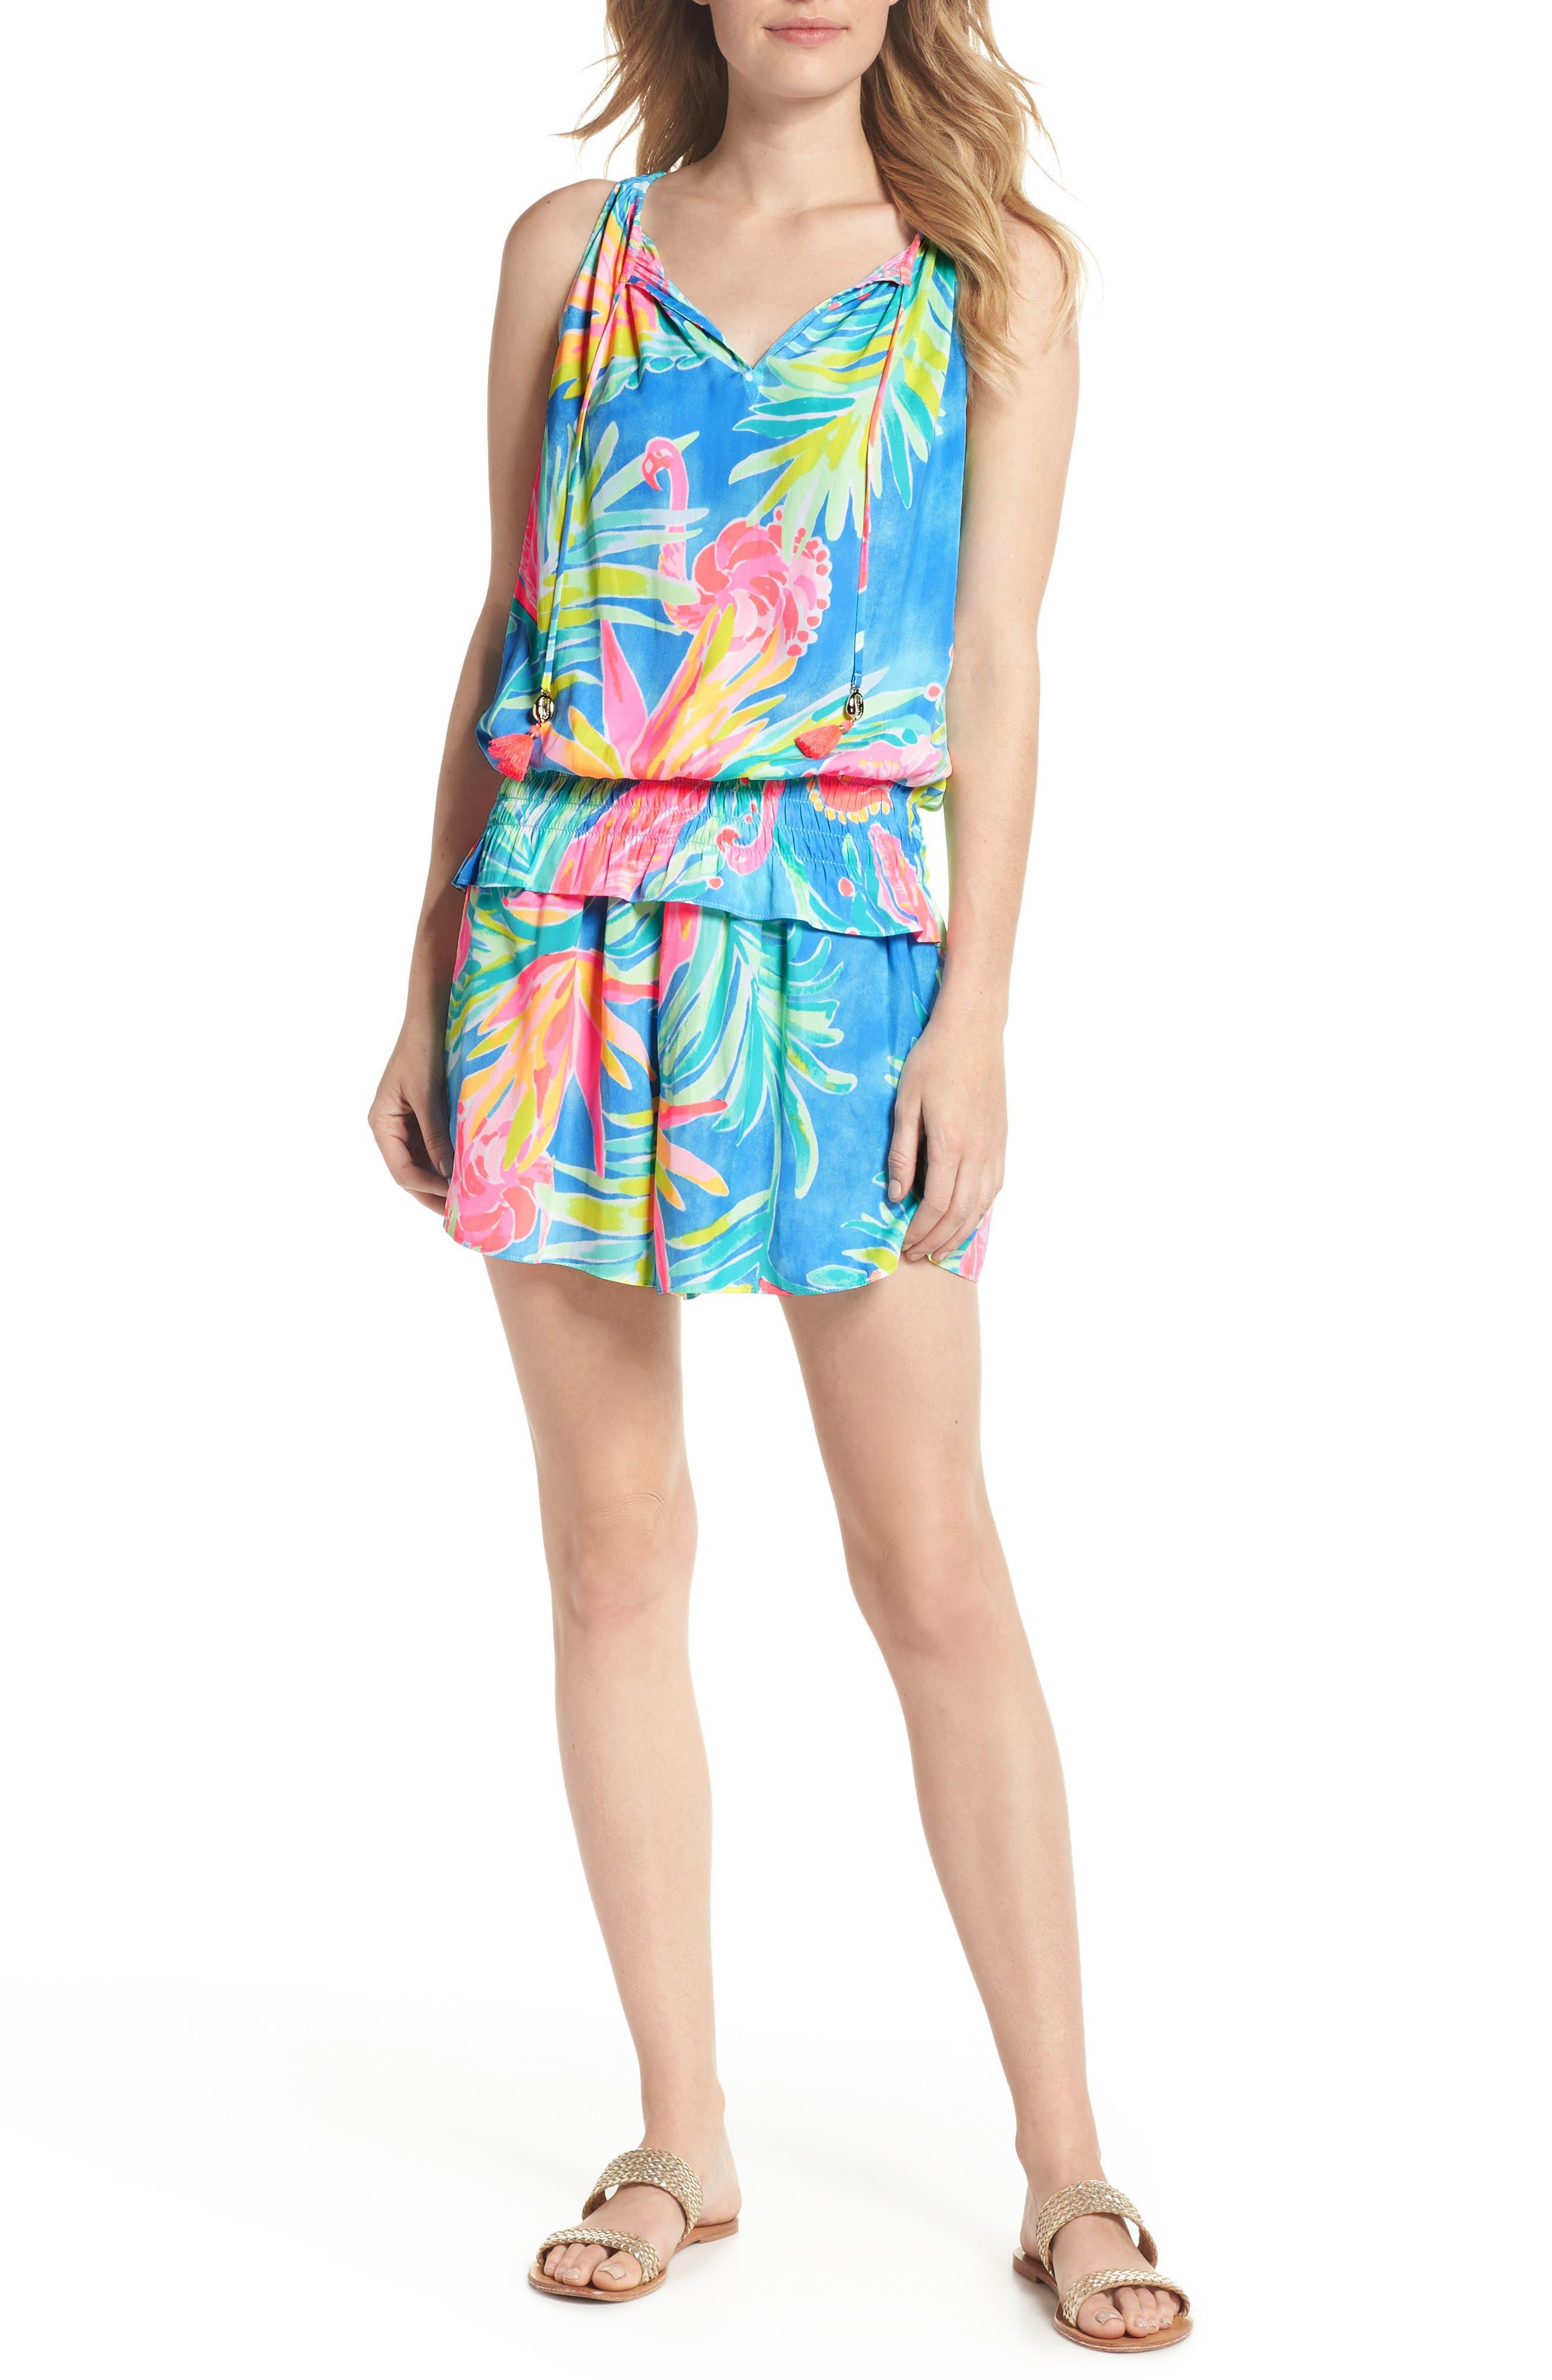 Kellen Top & Shorts Set,                         Main,                         color,